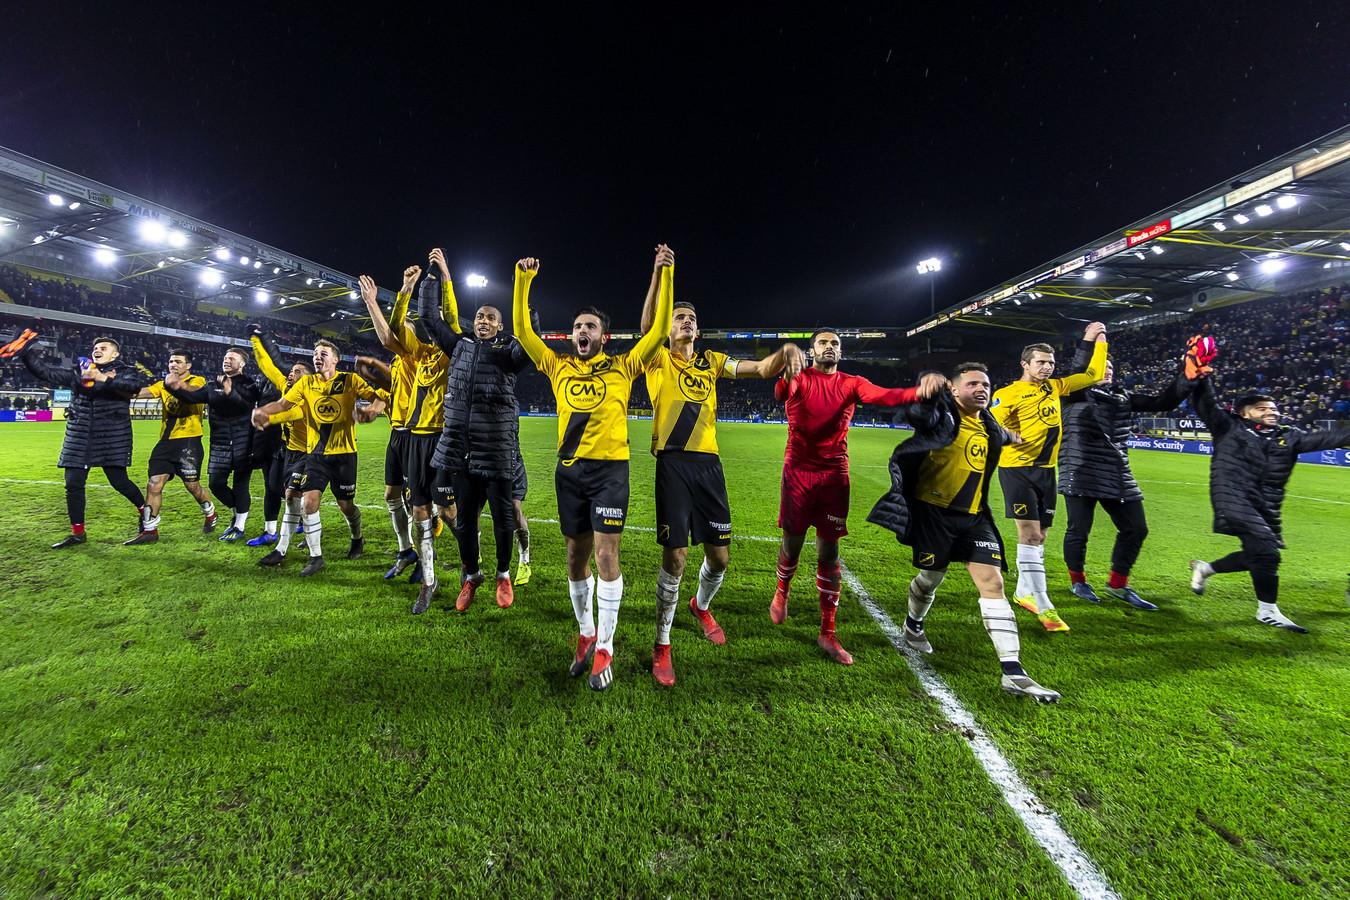 De spelers van NAC vieren feest na een overwinning tijdens een Avondje NAC.